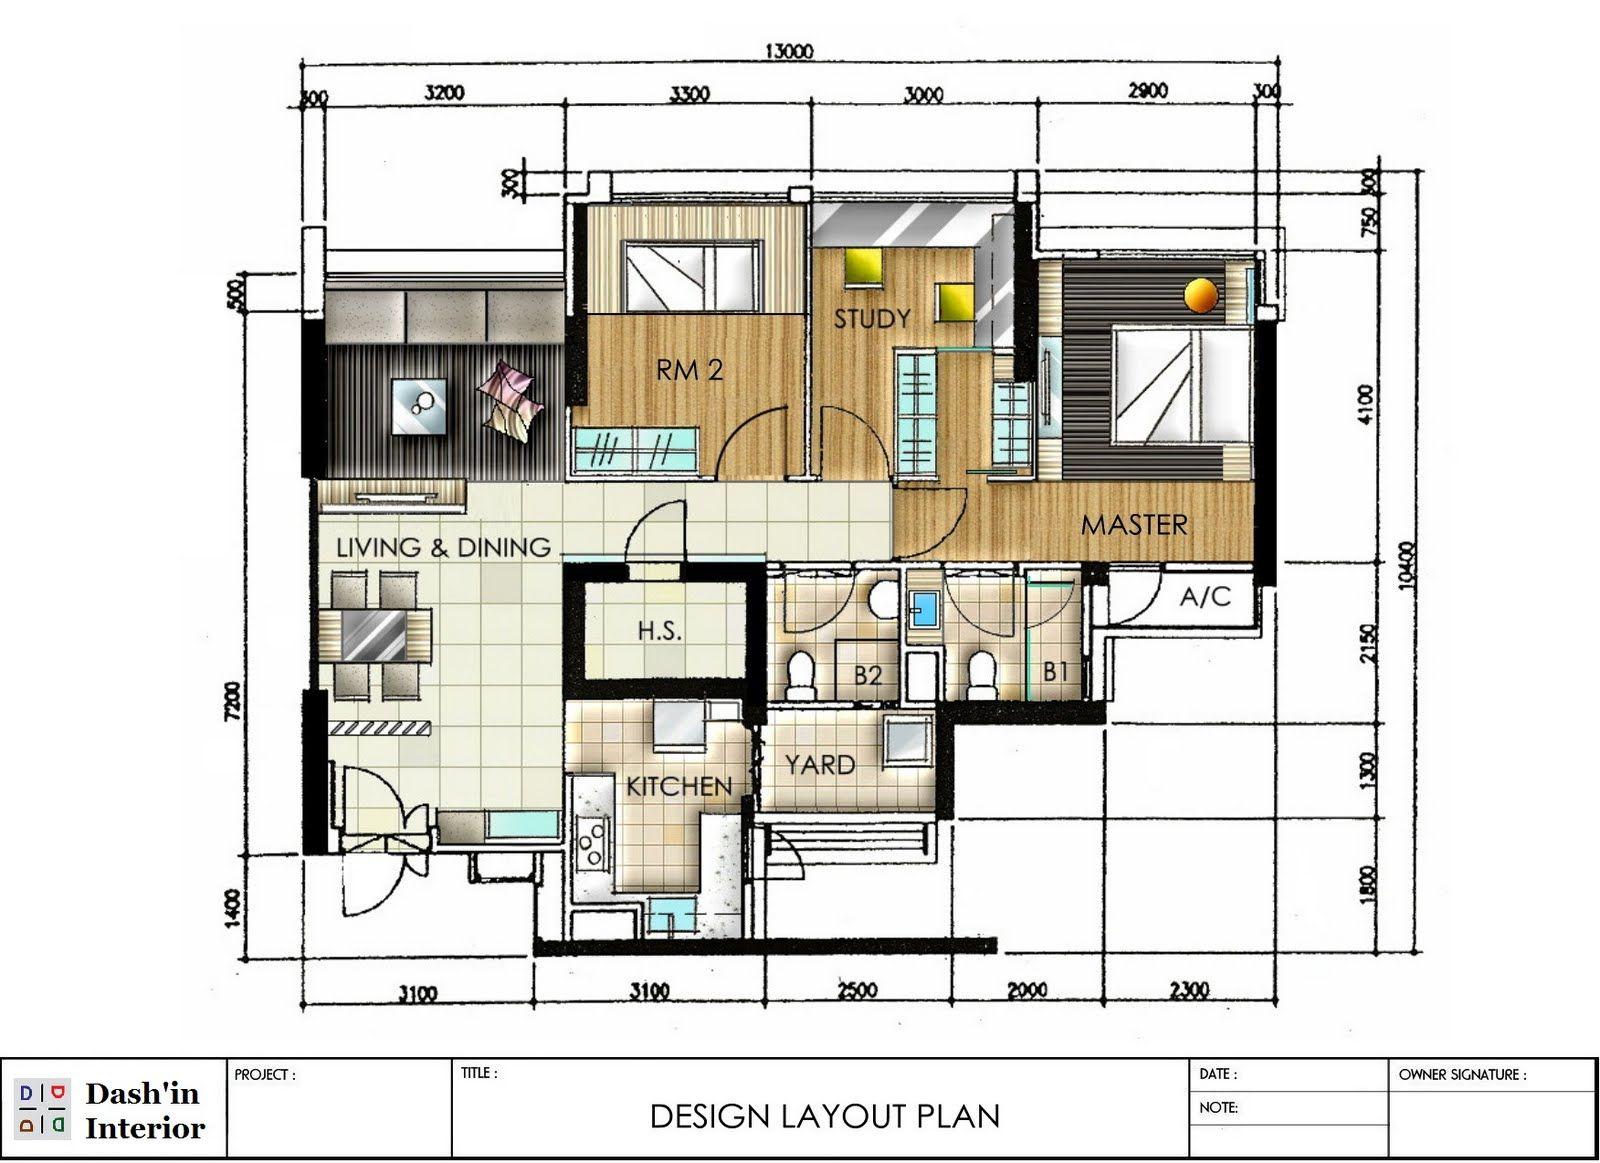 dash interior hand drawn designs floor plan layout that ...